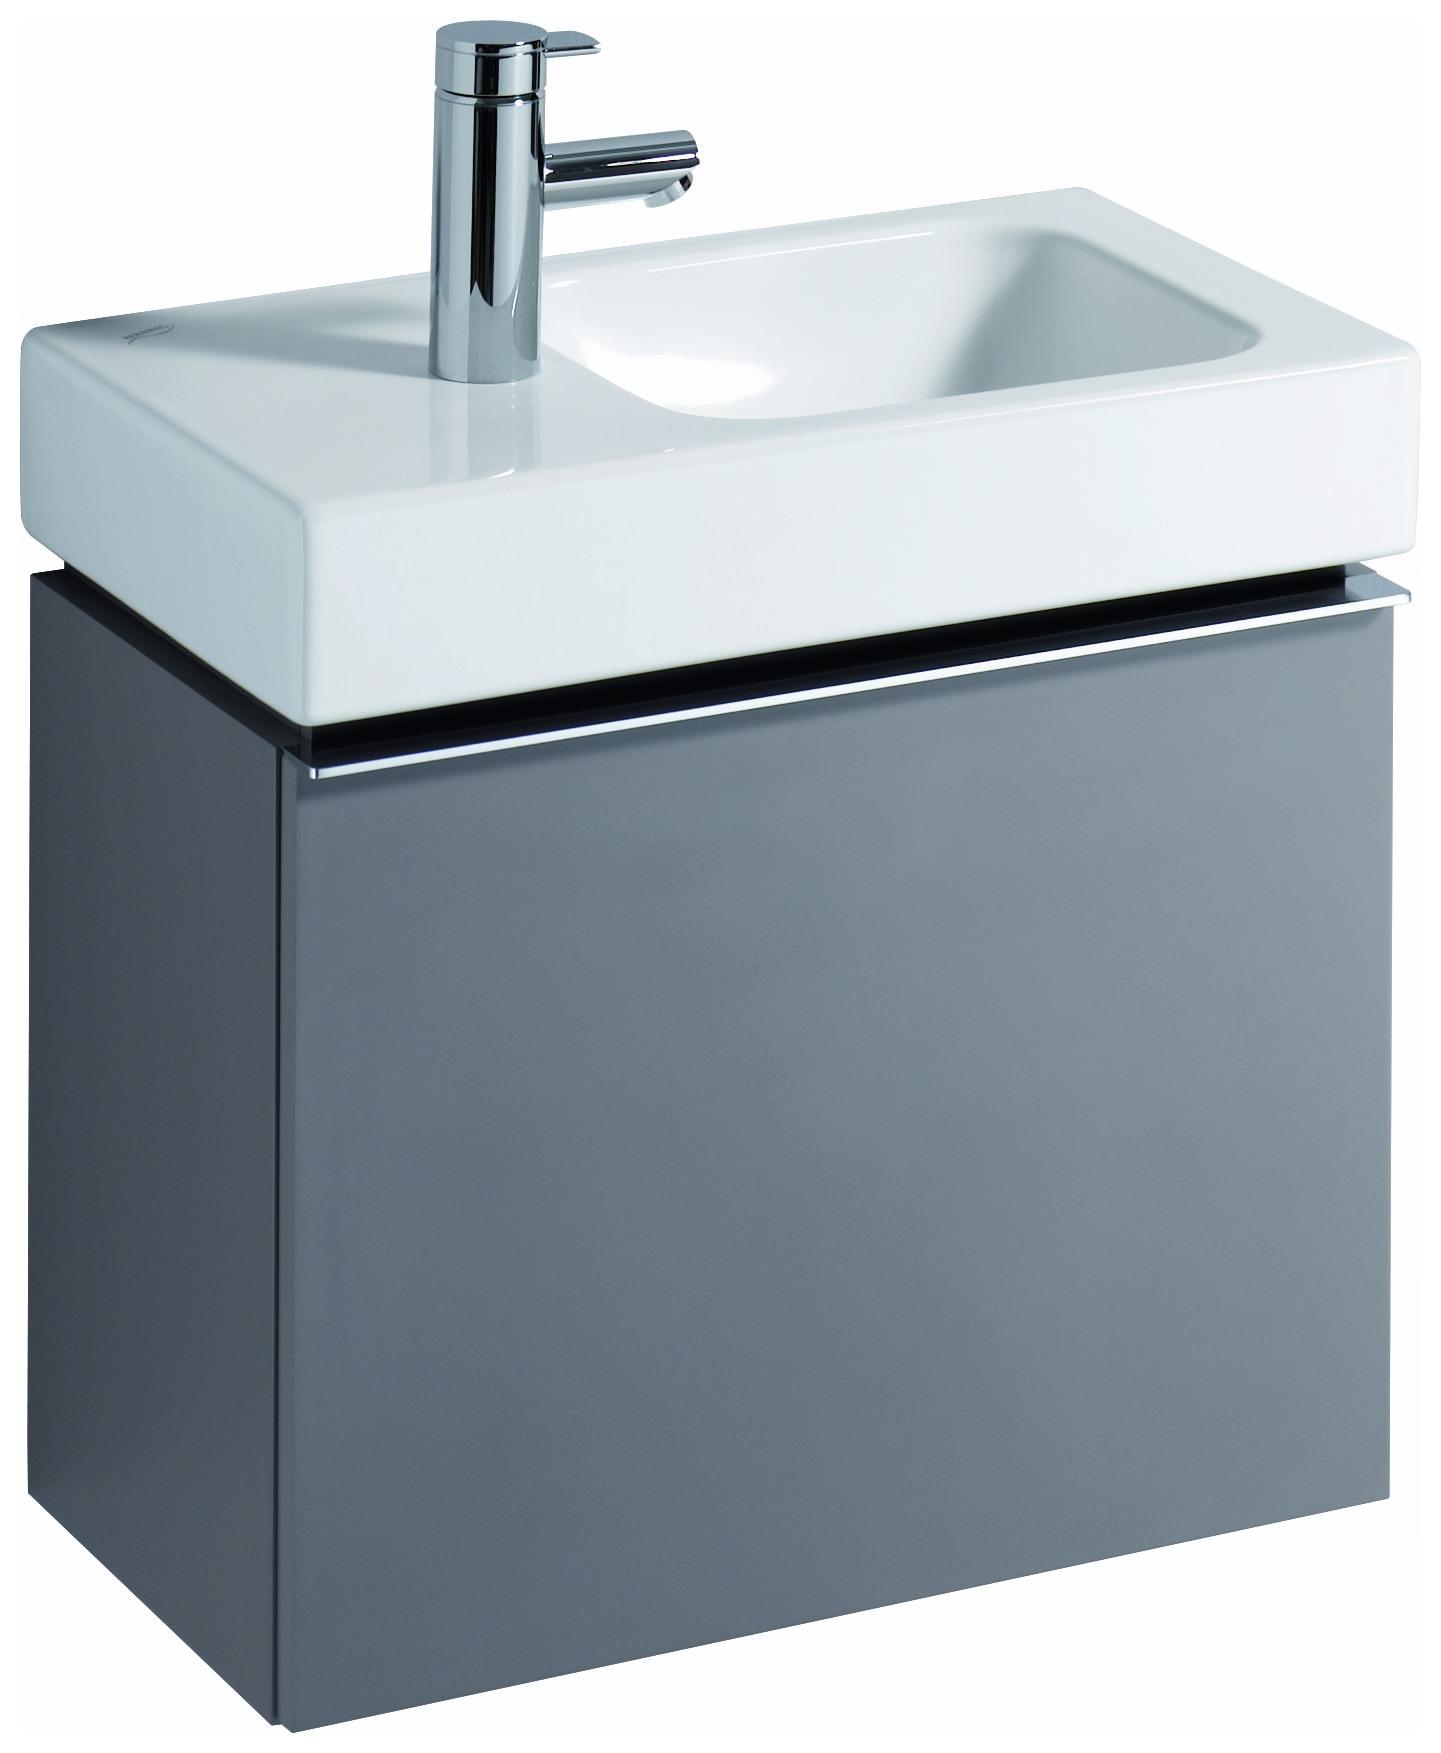 keramag icon xs waschtischunterschrank 520mm x 420mm x. Black Bedroom Furniture Sets. Home Design Ideas